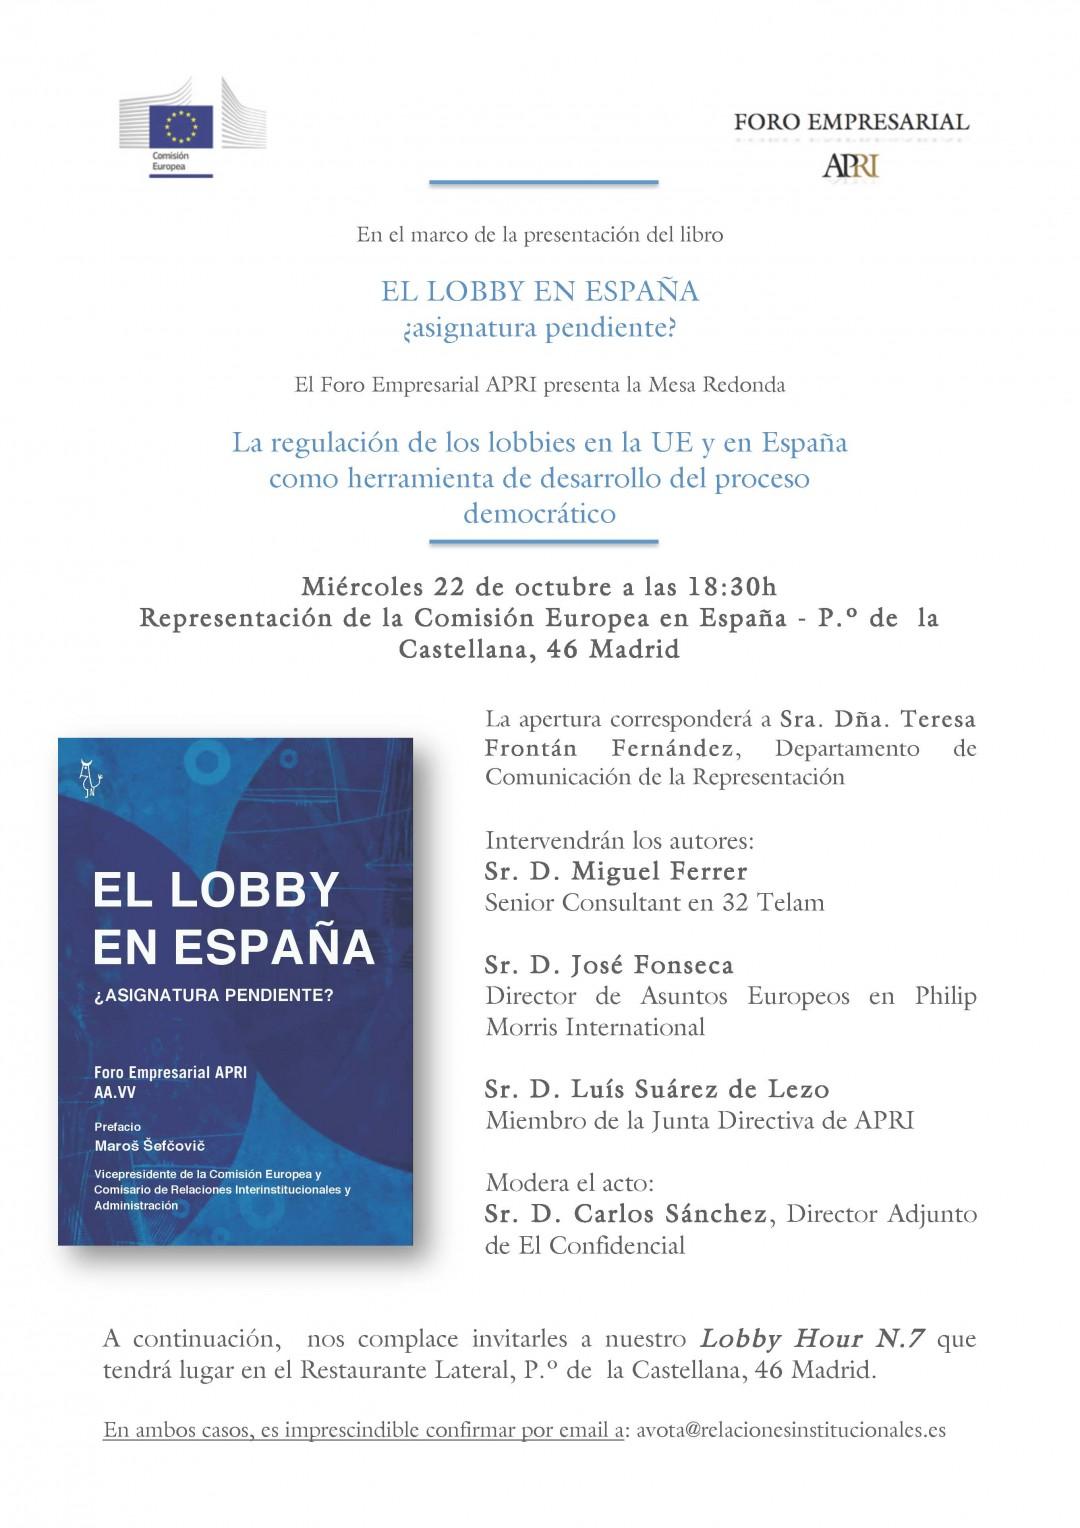 Mesa Redonda sobre lobby y regulación en la Representación de la Comisión UE